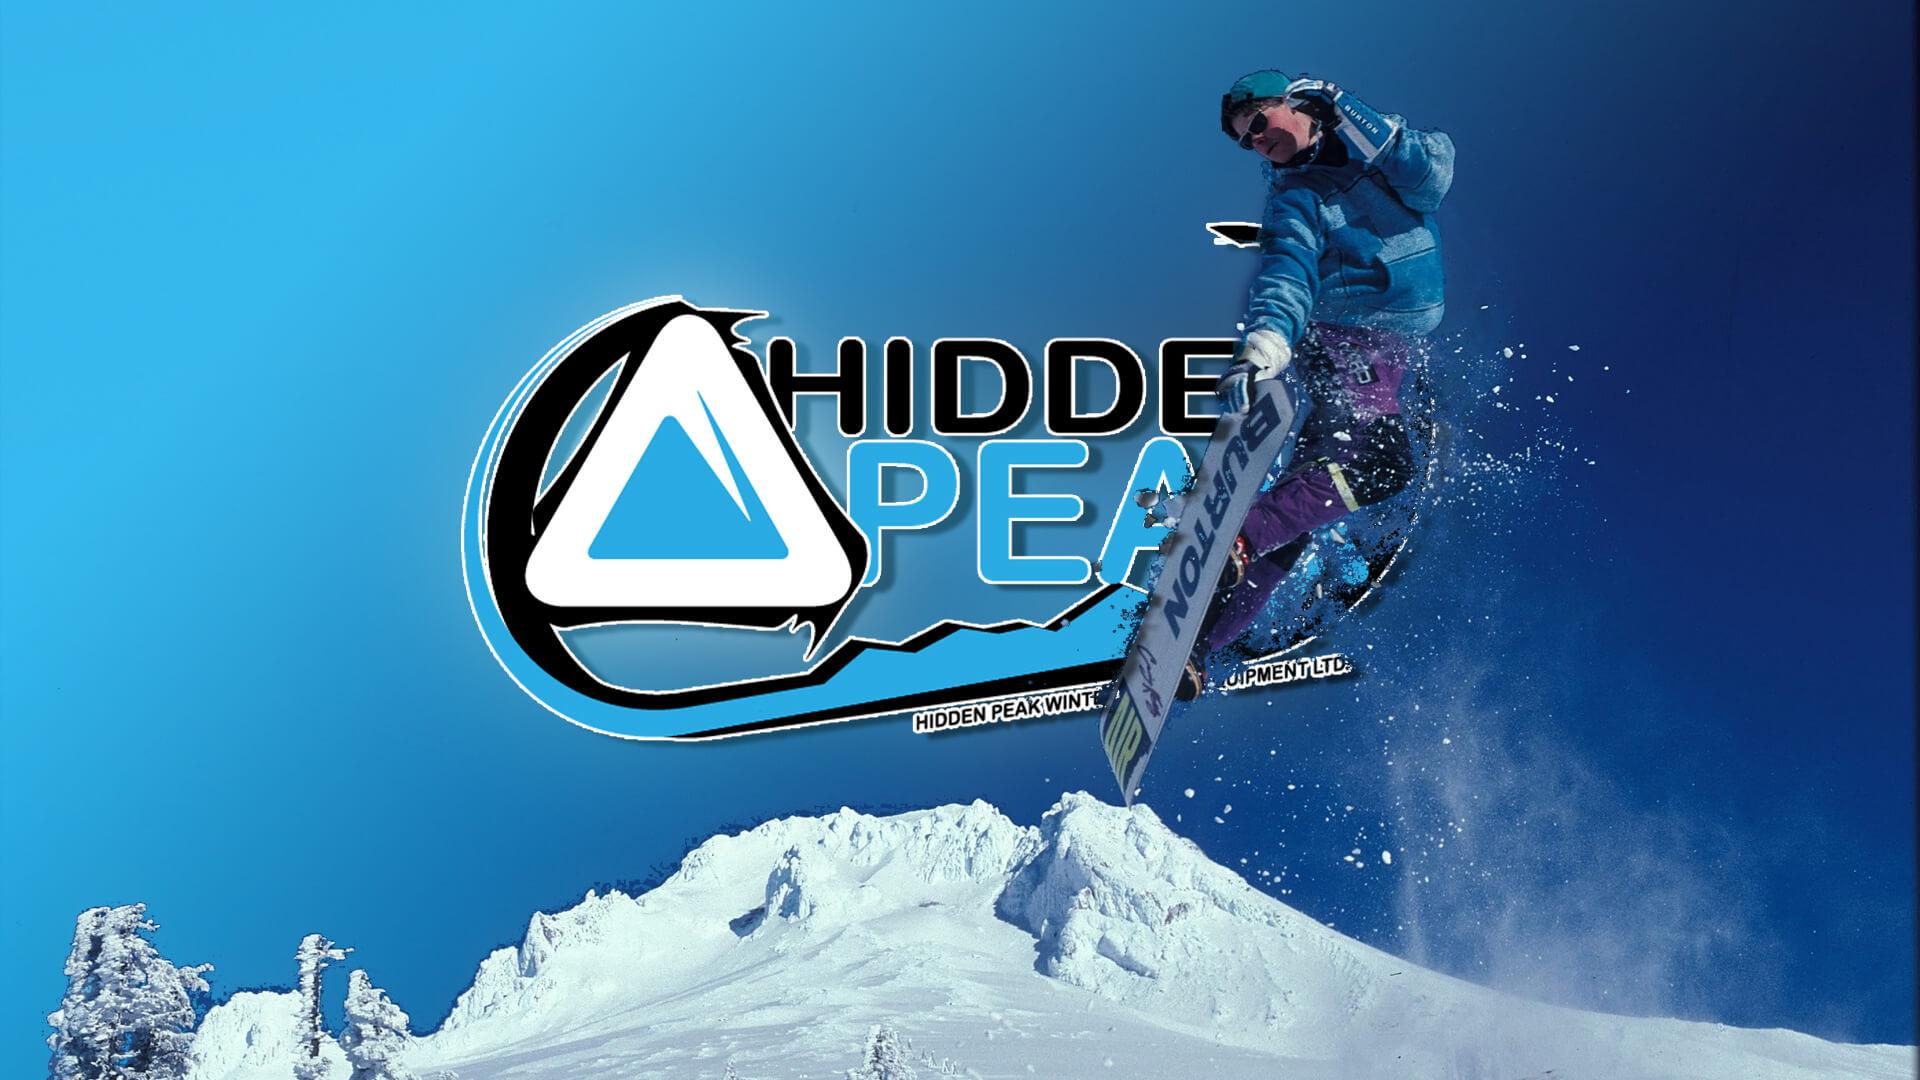 hidden peak action adventure cold 209817